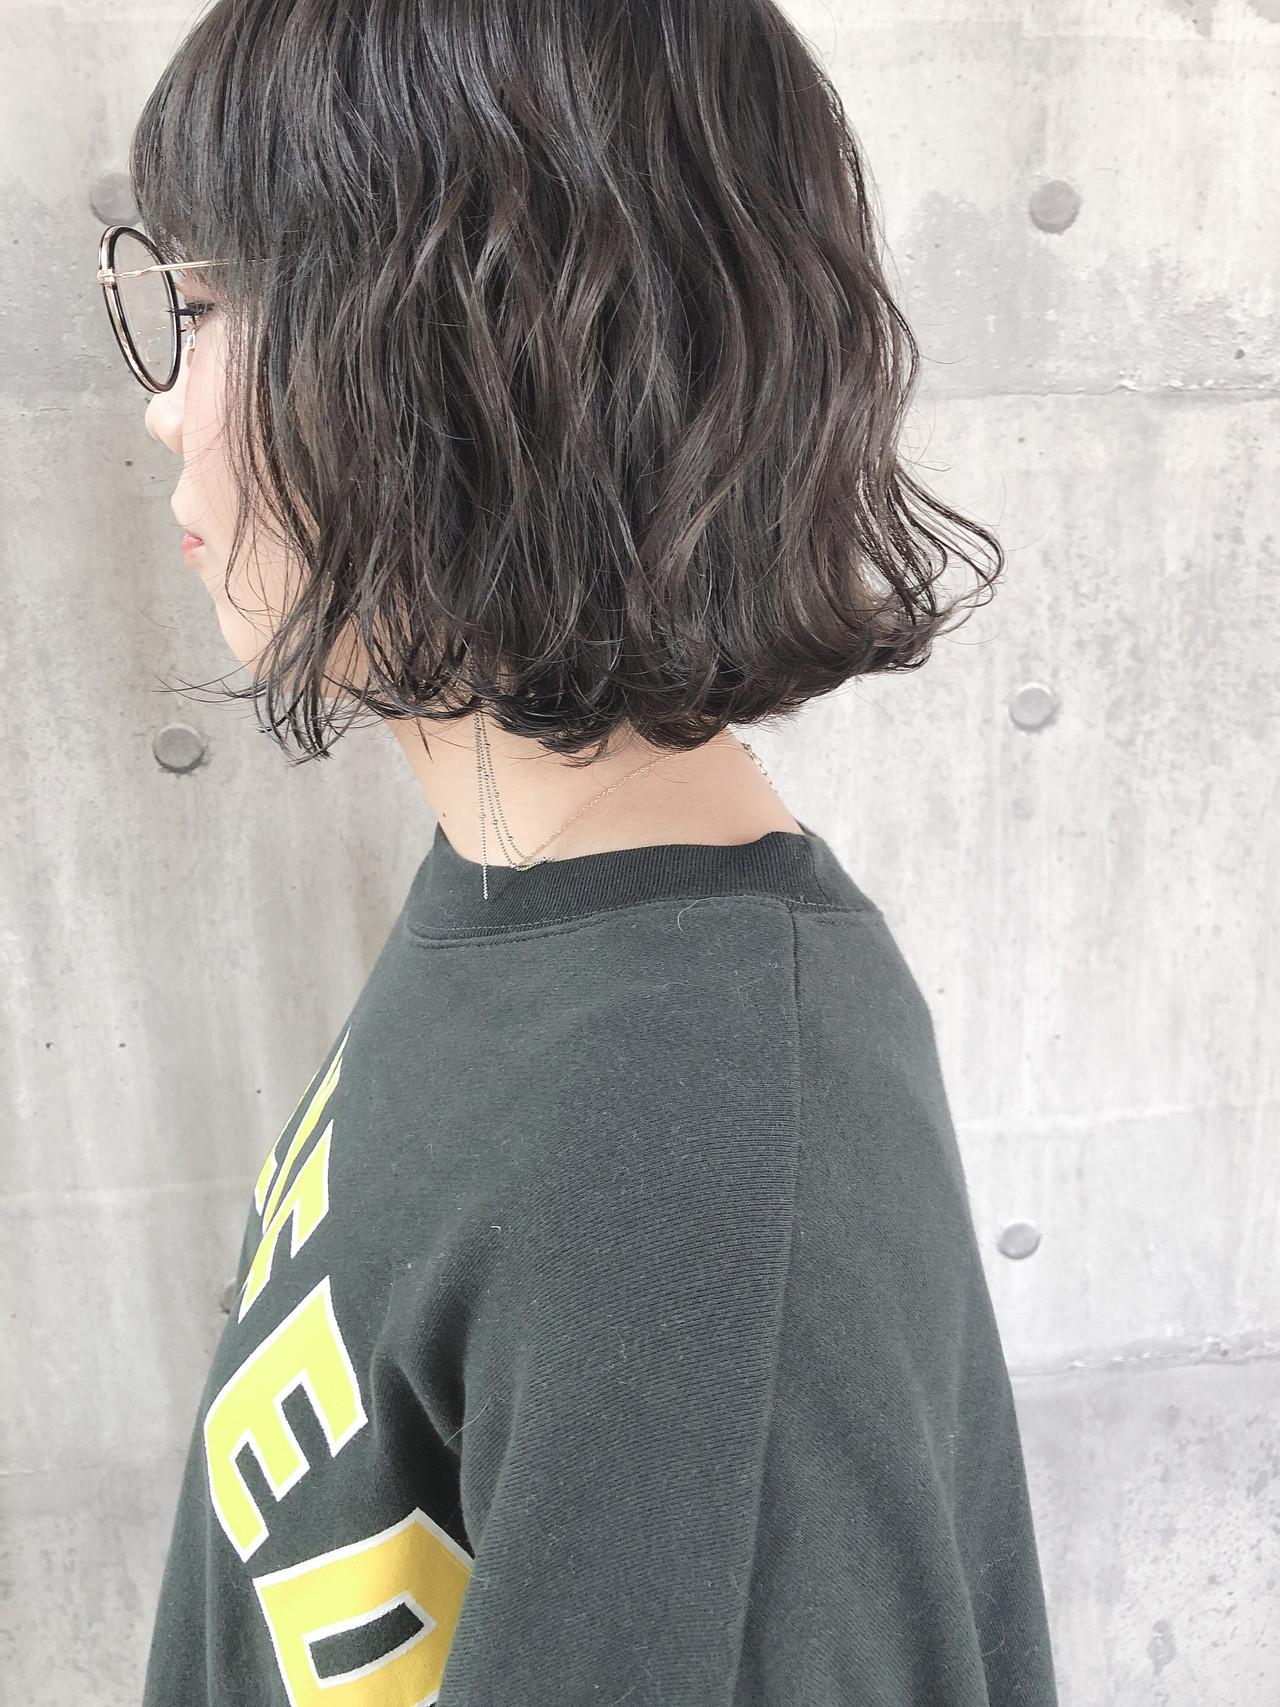 ヘアアレンジ ボブ アッシュベージュ アンニュイほつれヘア ヘアスタイルや髪型の写真・画像